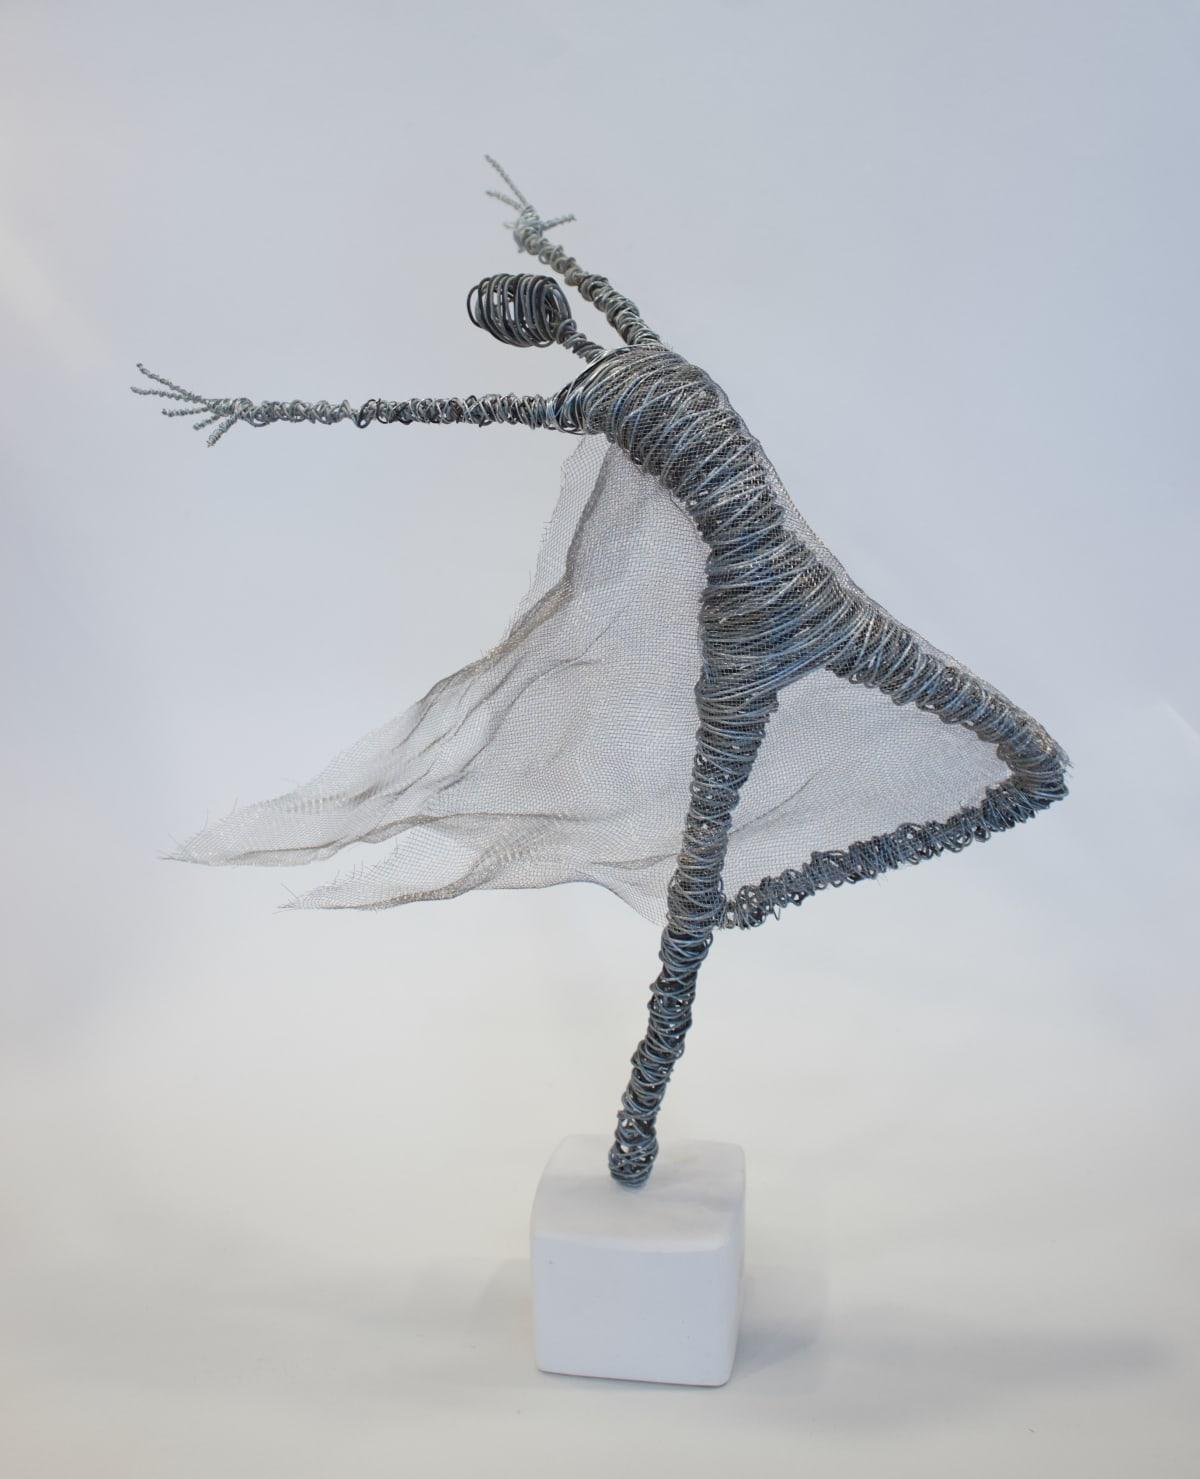 Rachel Ducker Mesh Dance, 2019 Wire Sculpture 33 x 33 x 20 cm 13 x 13 x 7 7/8 in